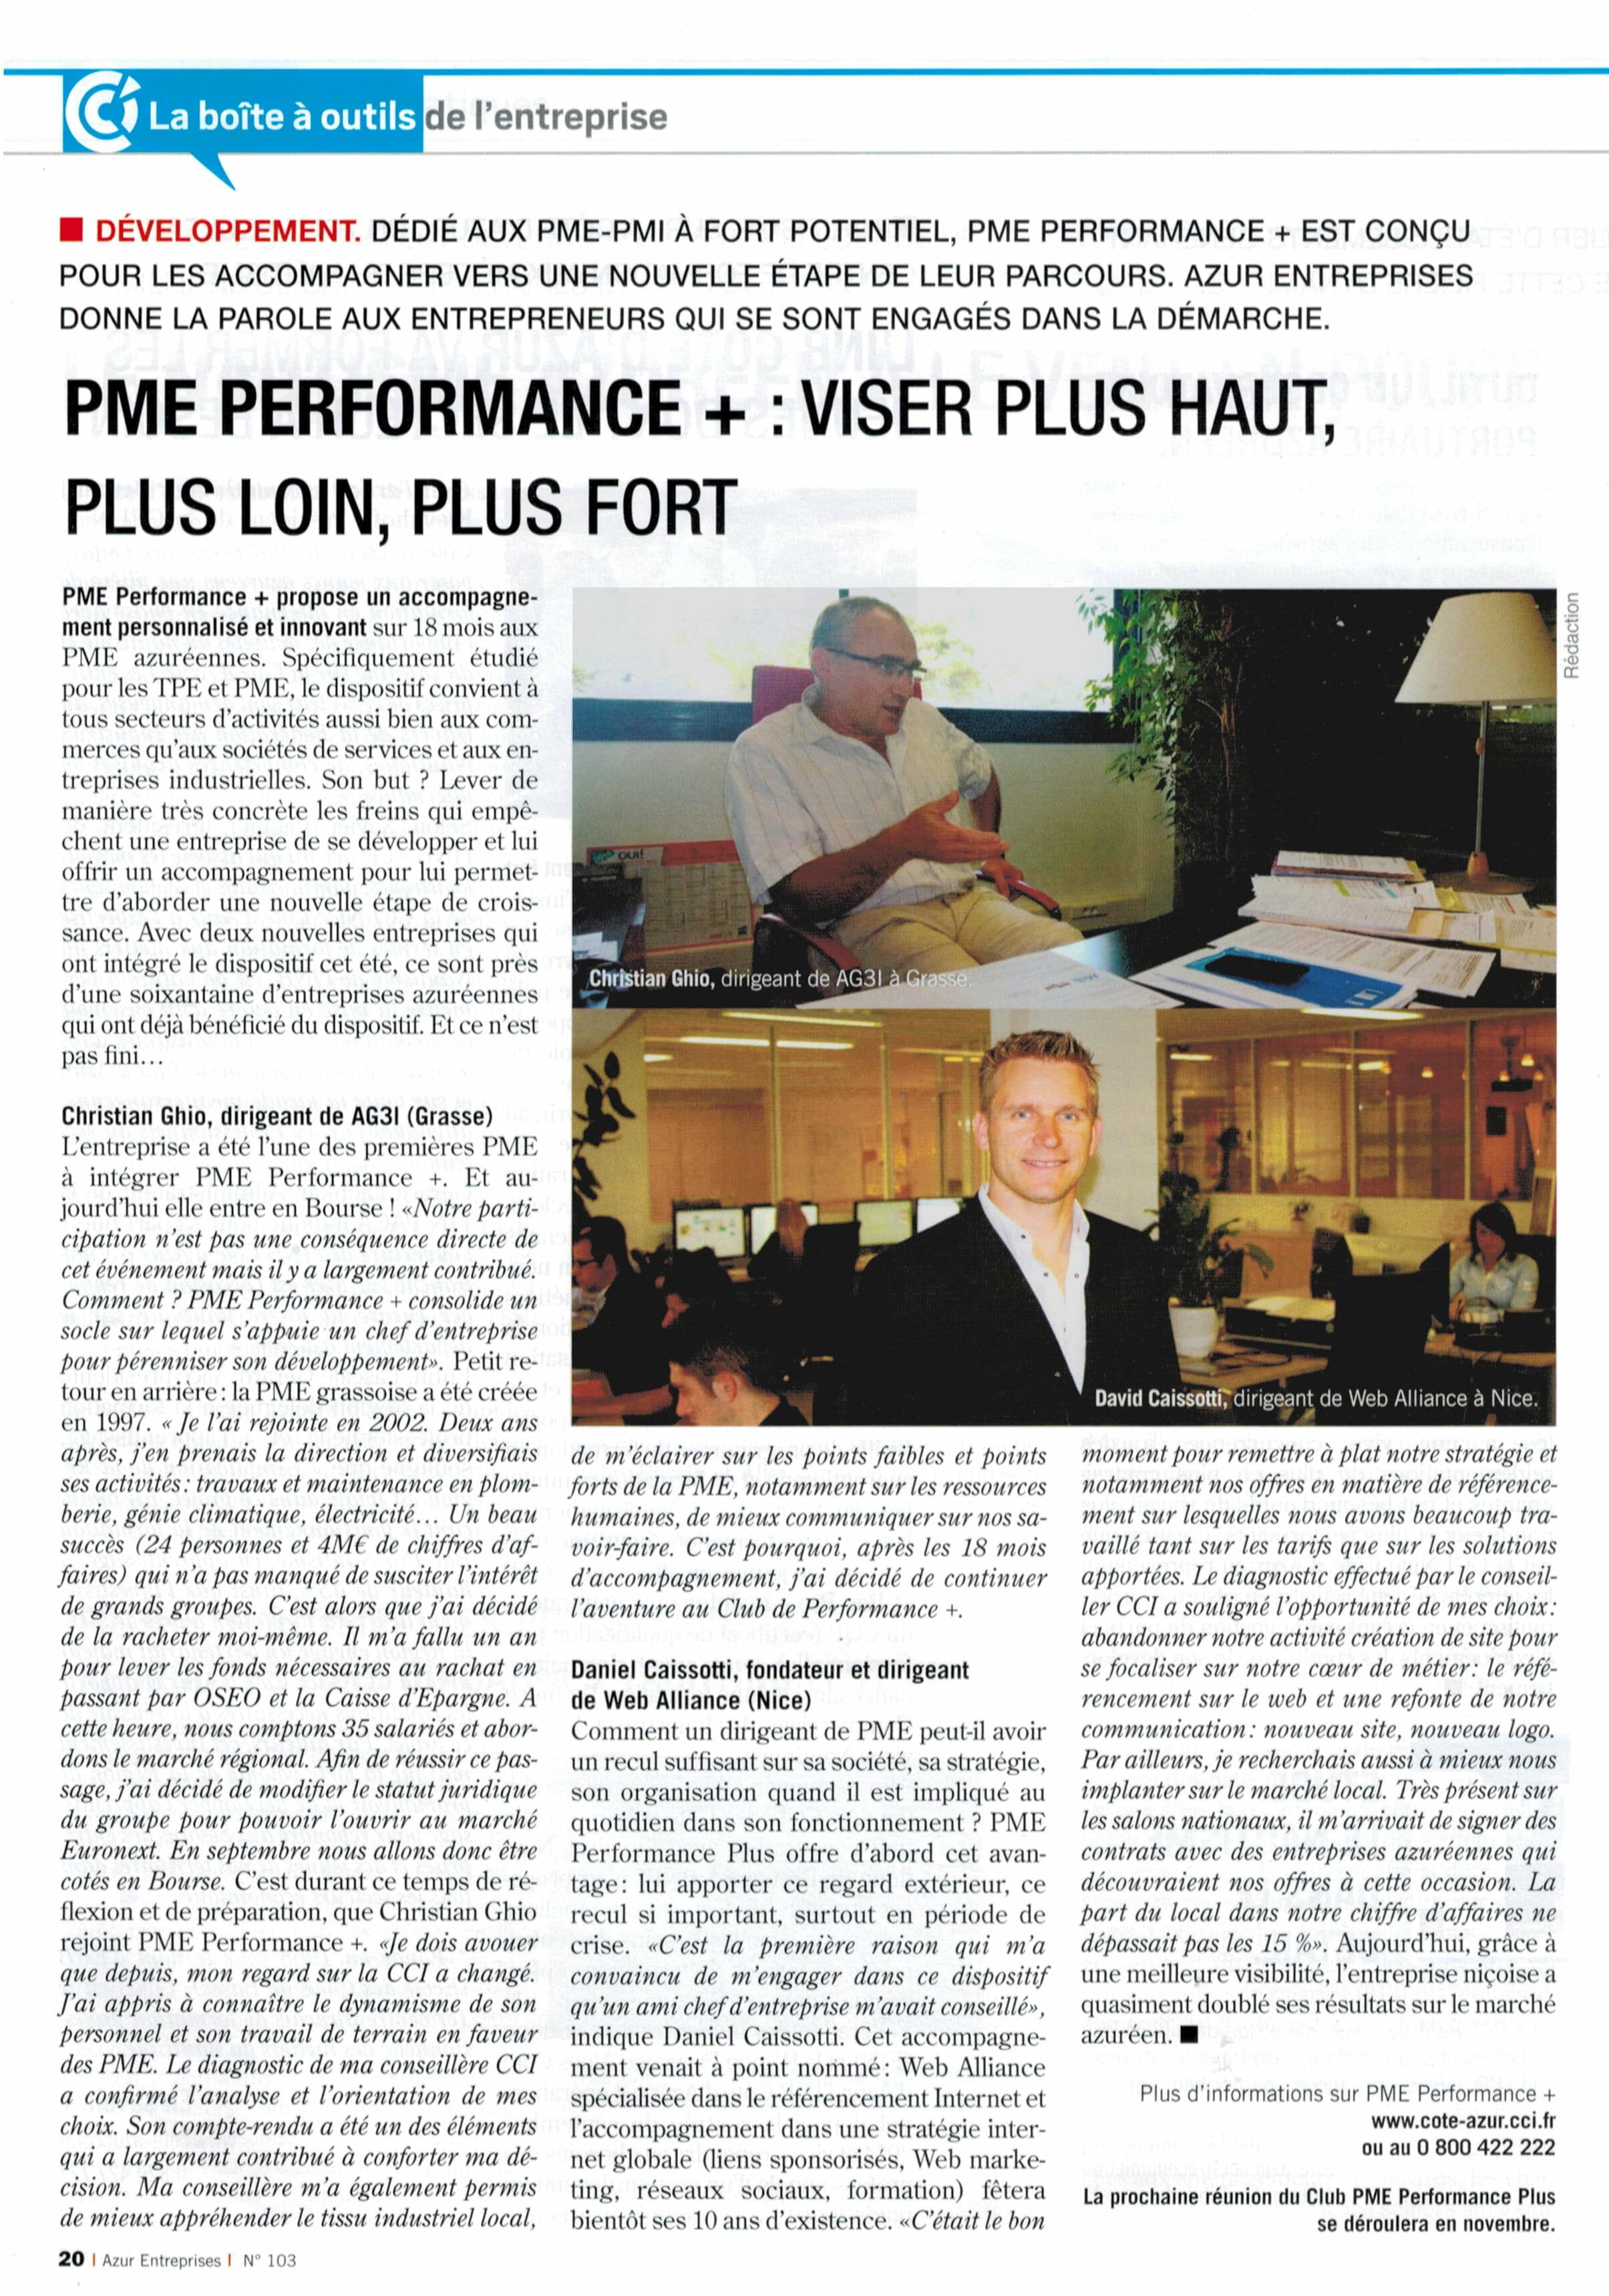 L'article de presse publié par la CCI dans le magazine économique de la Côte d'Azur